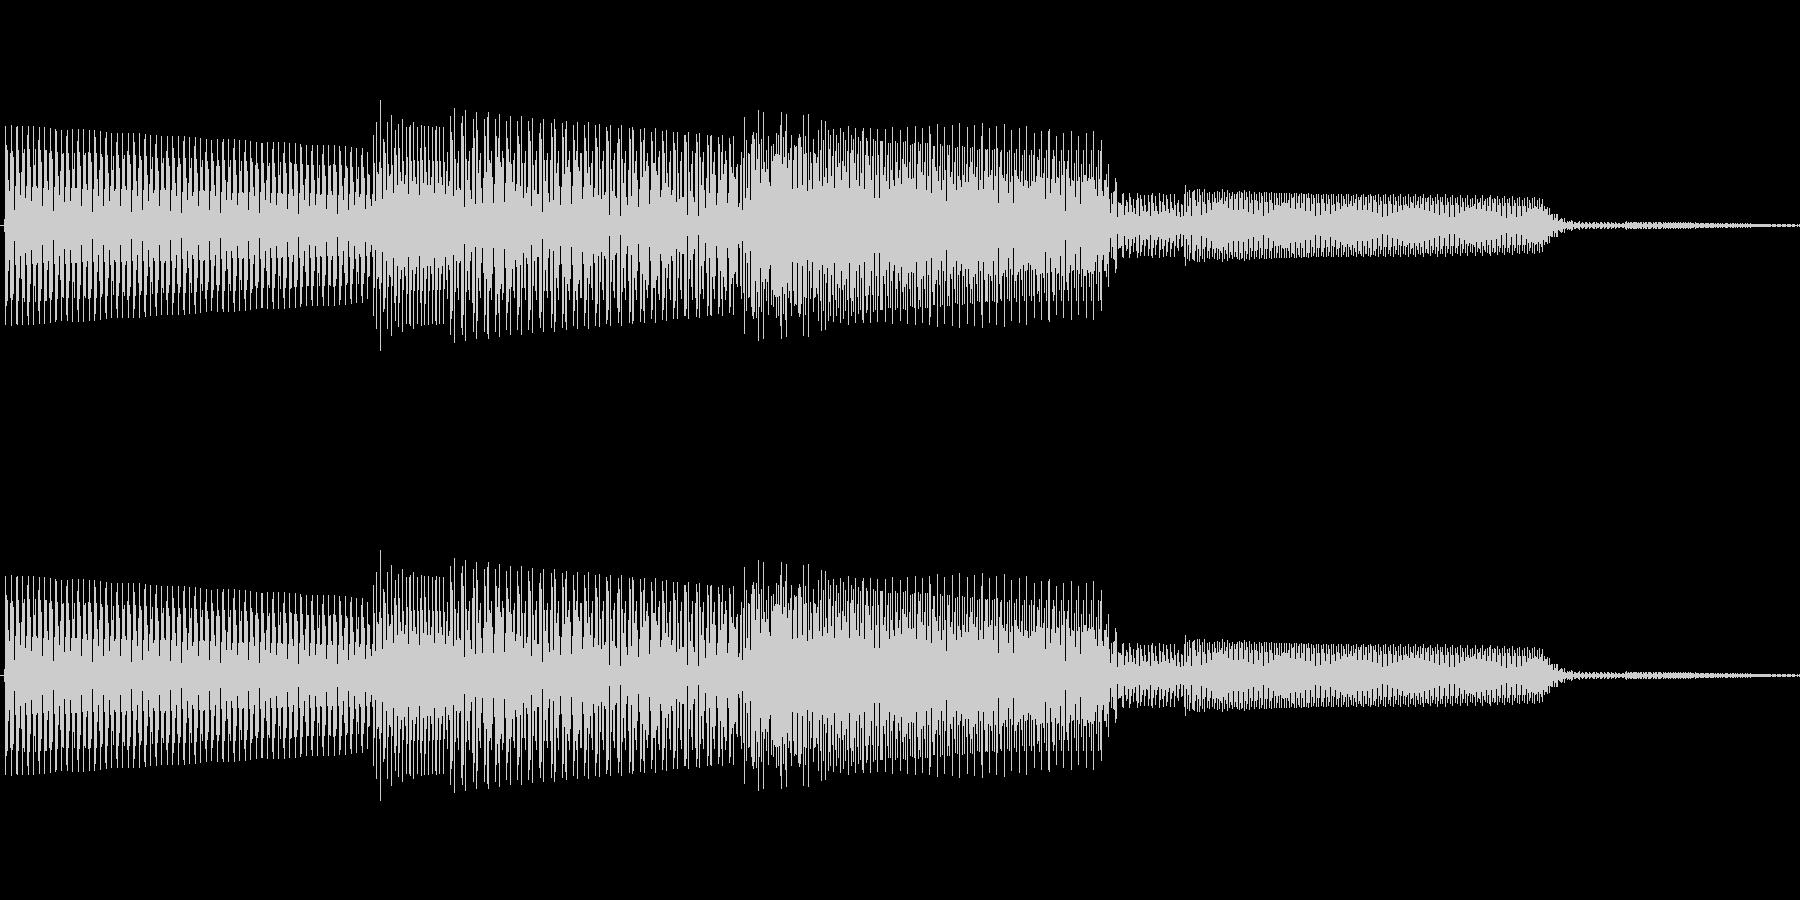 ボタン決定音システム選択タッチ登録B11の未再生の波形